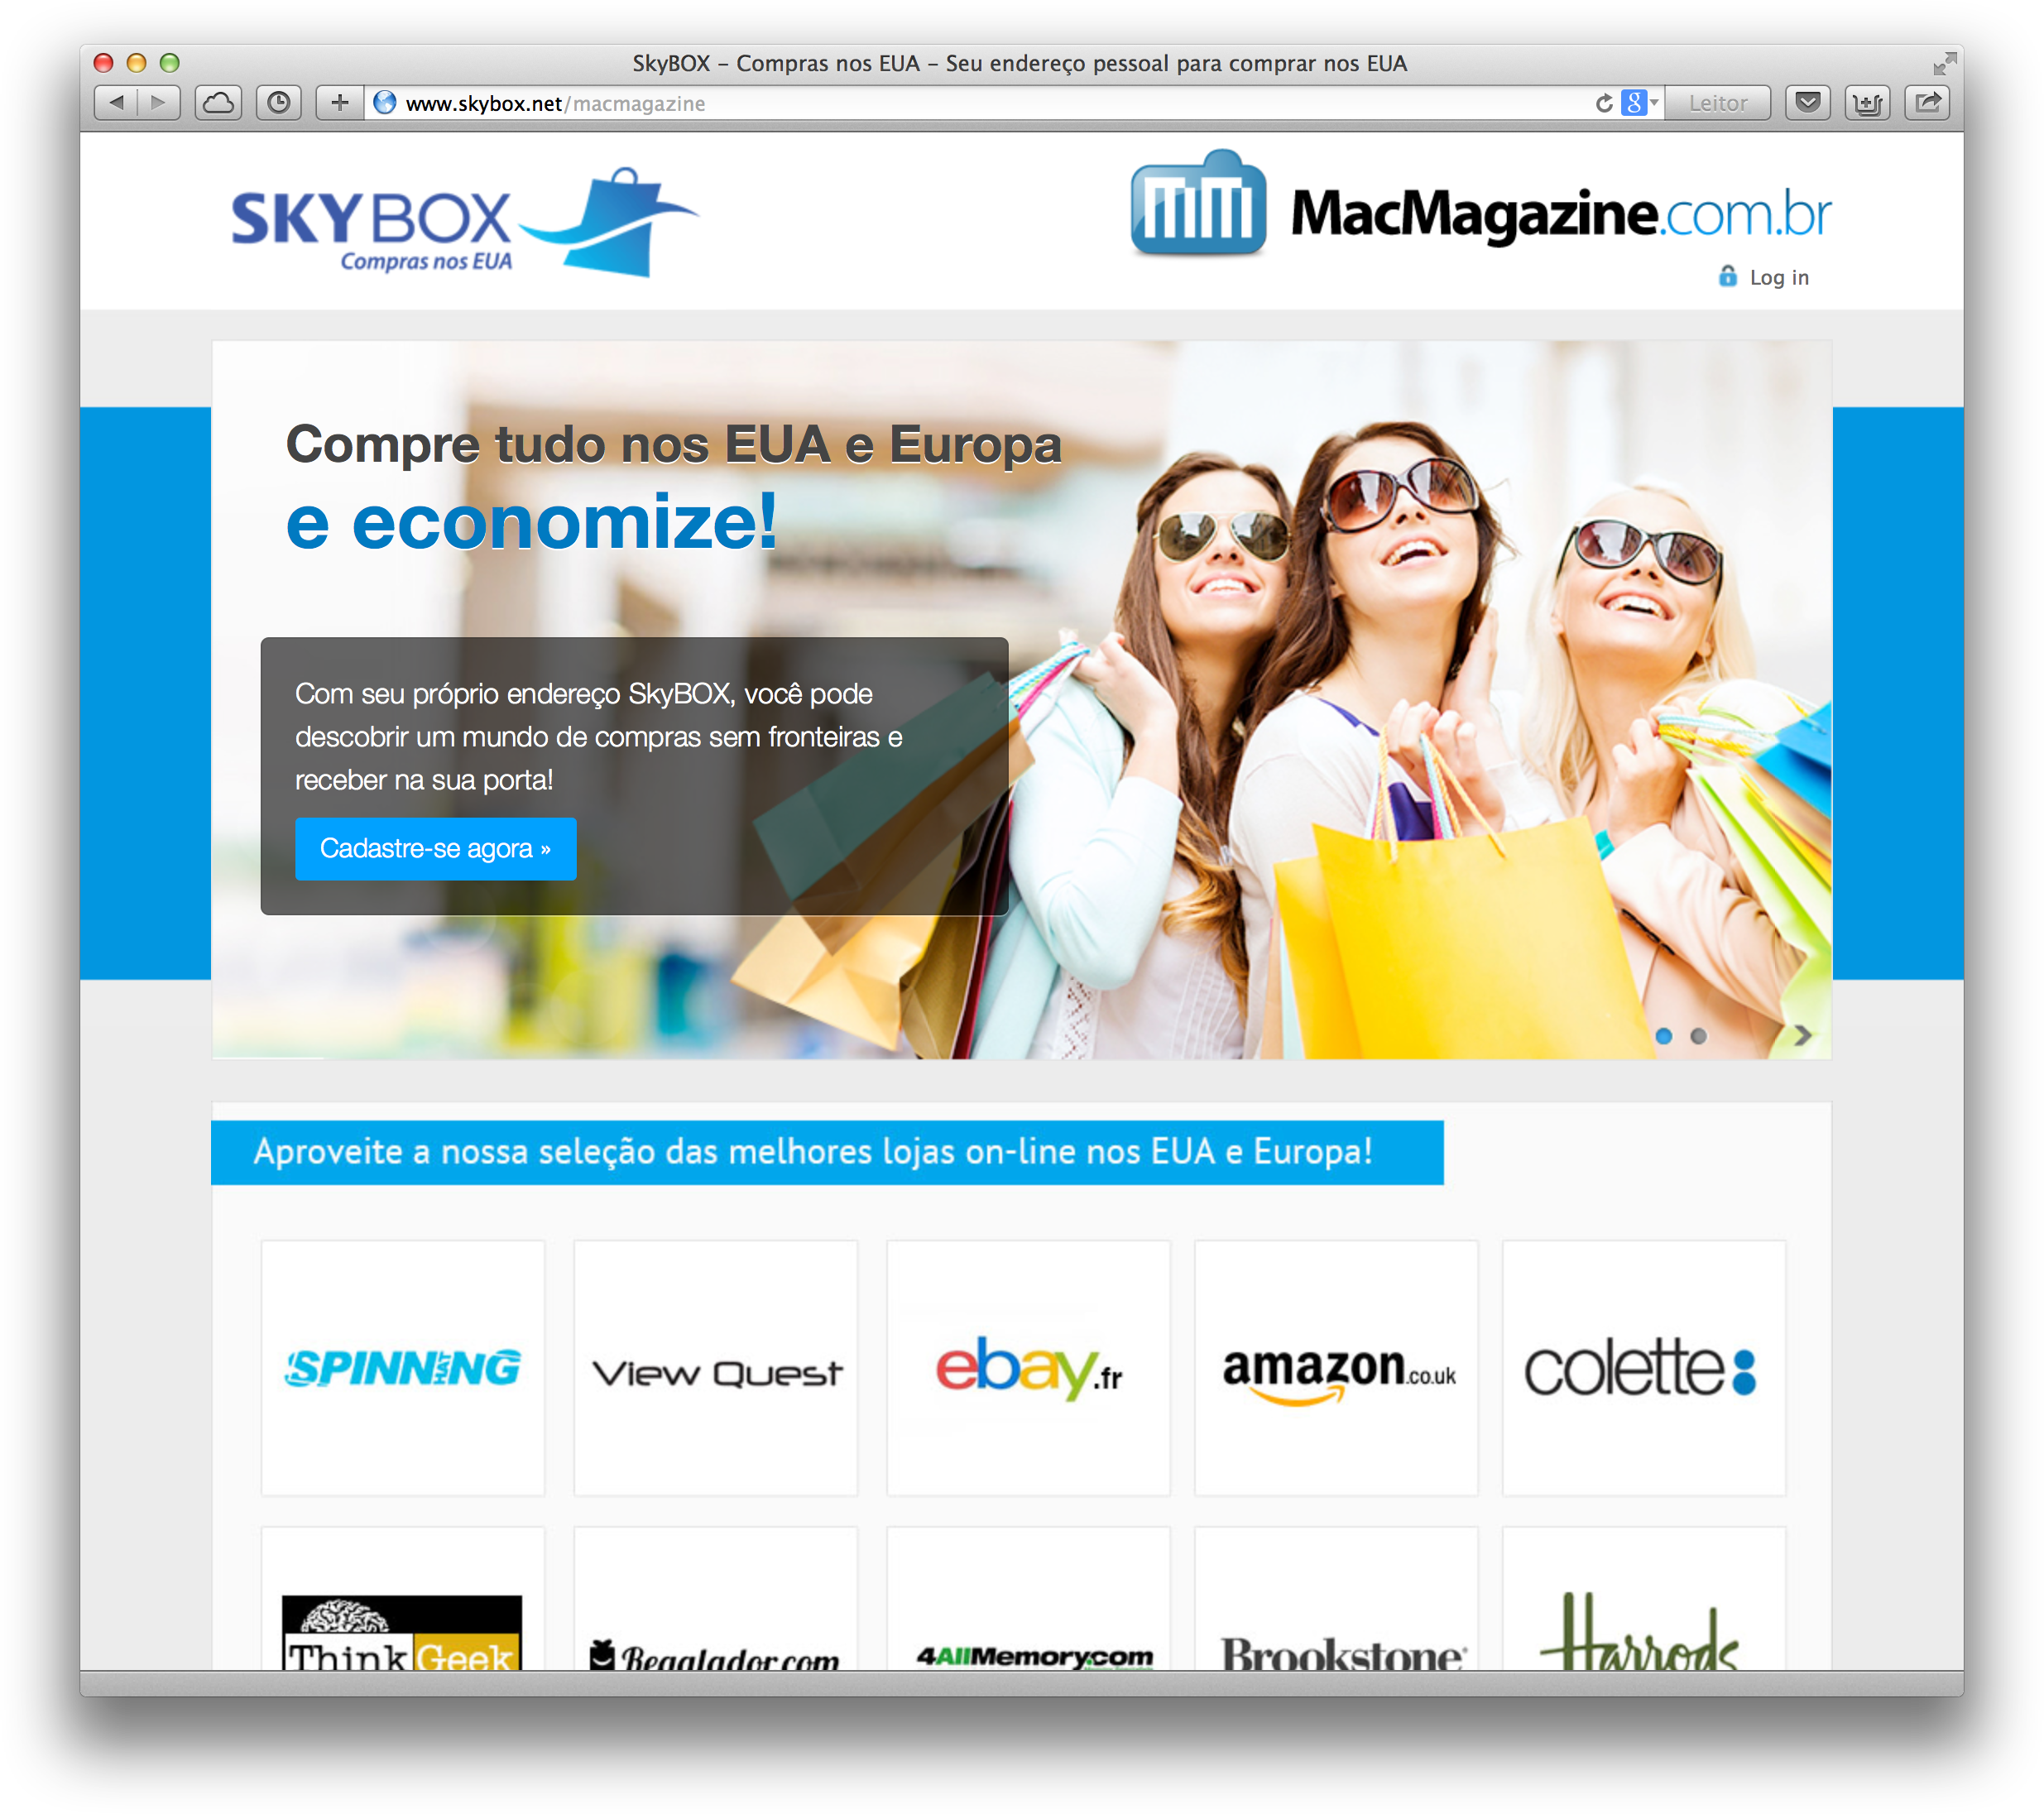 MacMagazine e SkyBOX